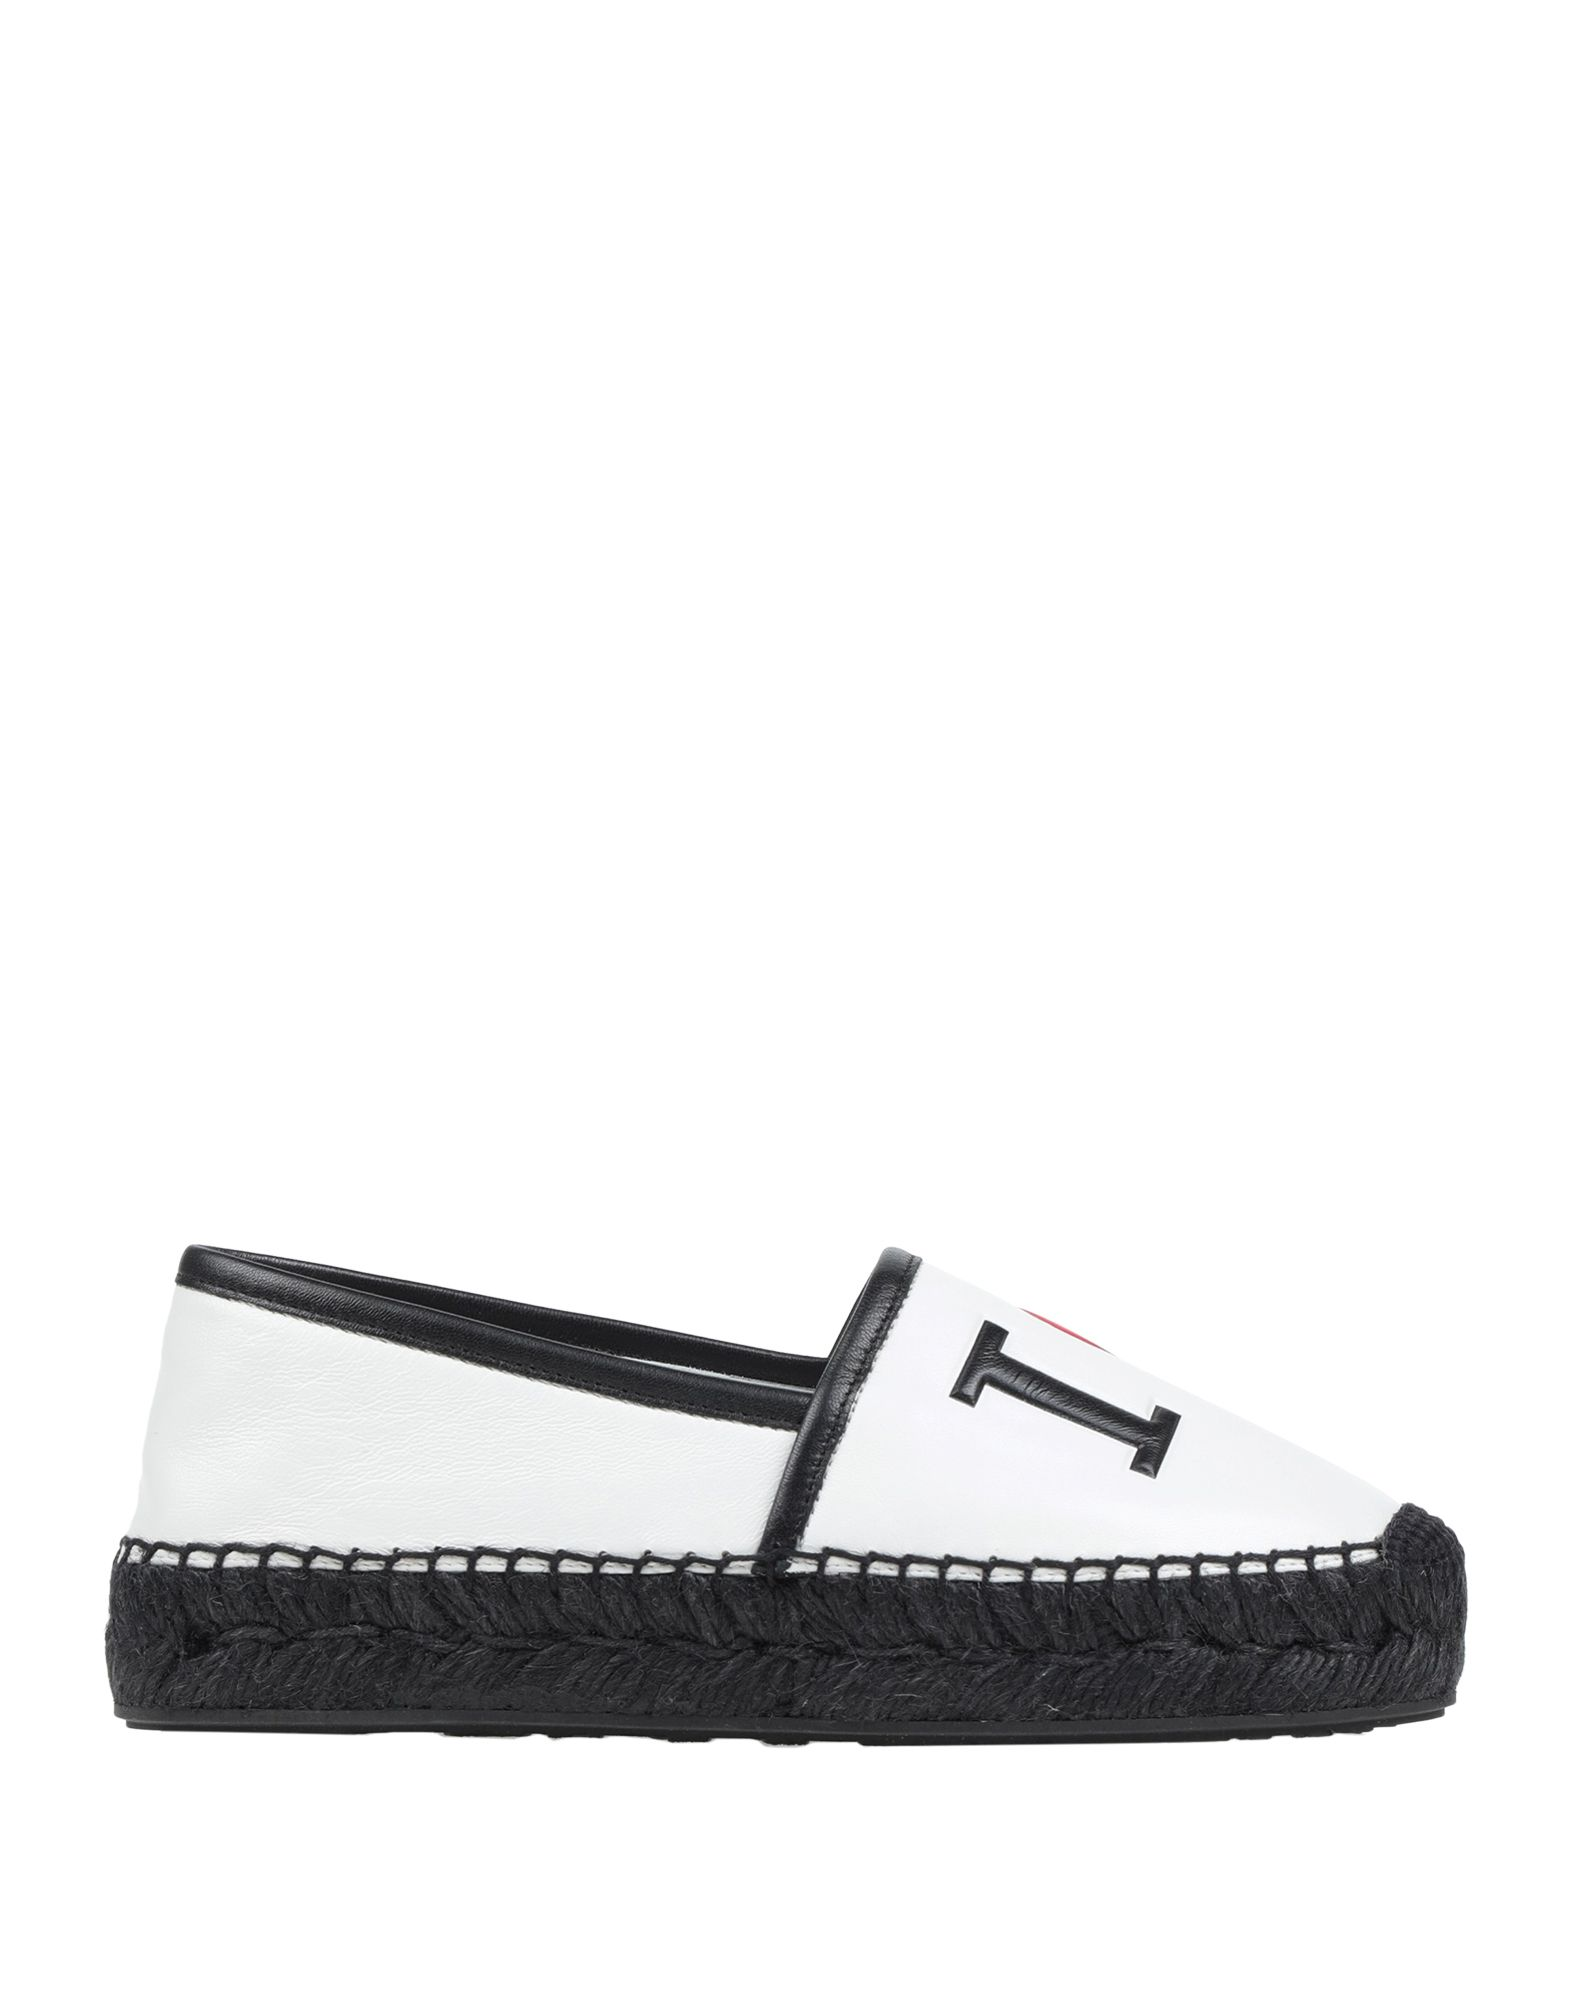 Dolce & Gabbana Flats ESPADRILLES